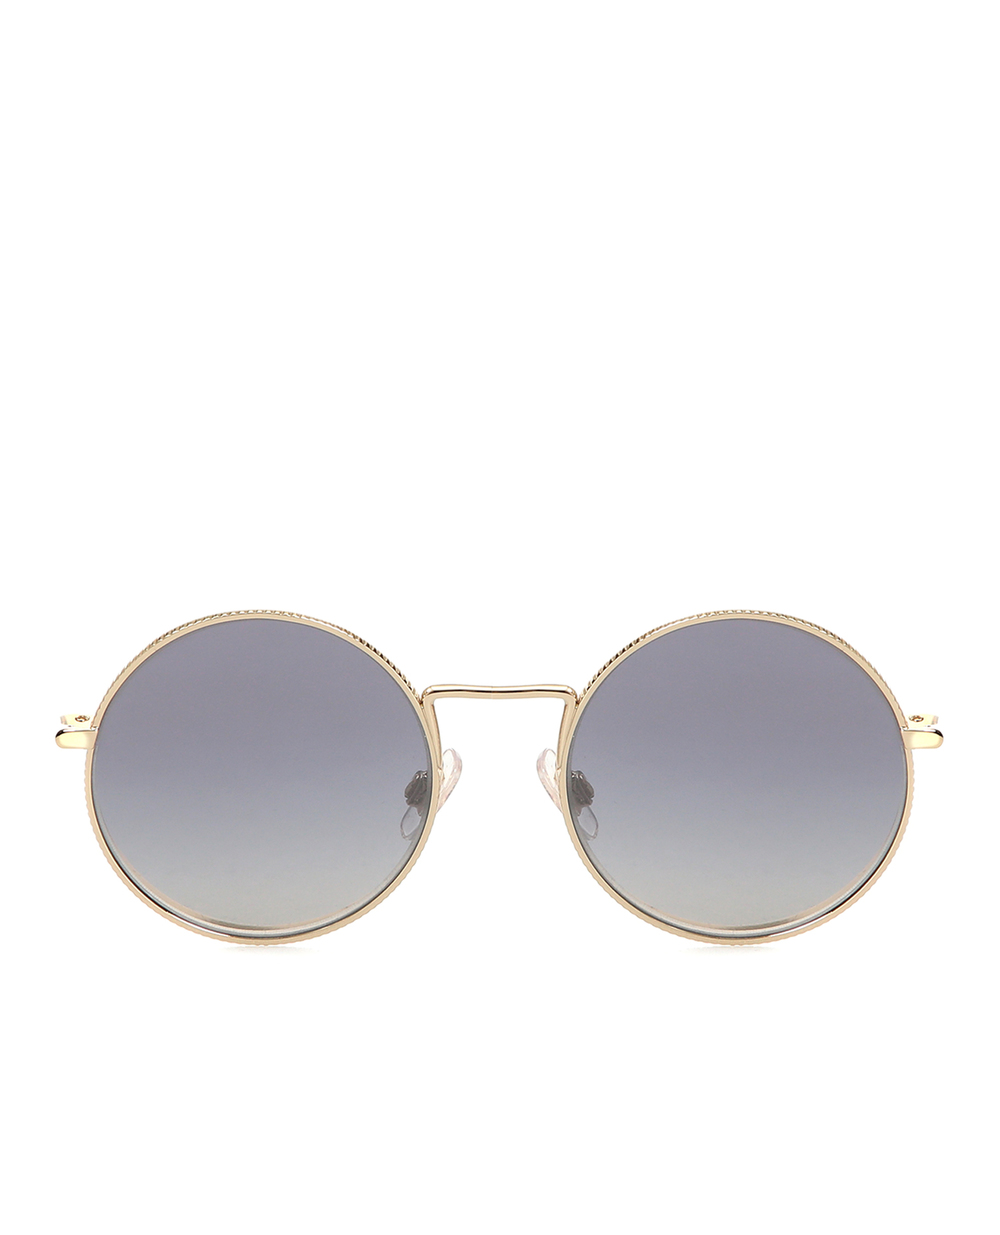 Солнцезащитные очки Dolce&Gabbana 2246488/1G49 — Kameron